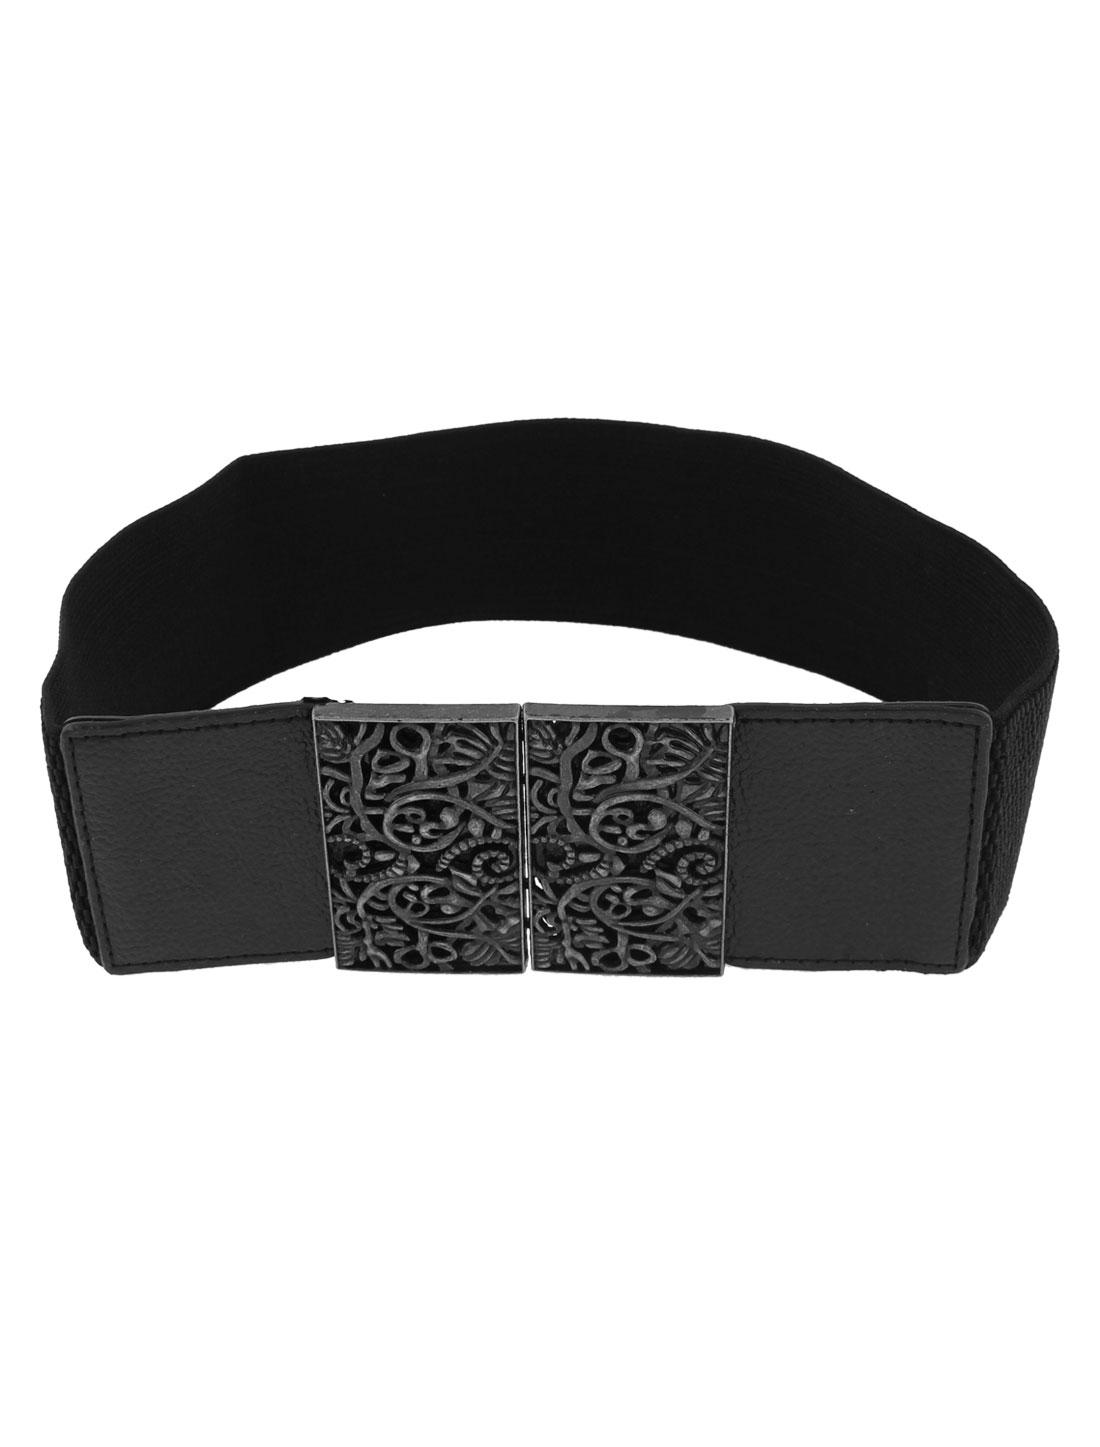 Adjustable Elastic Wide Waistband Waist Belt 60cm Long